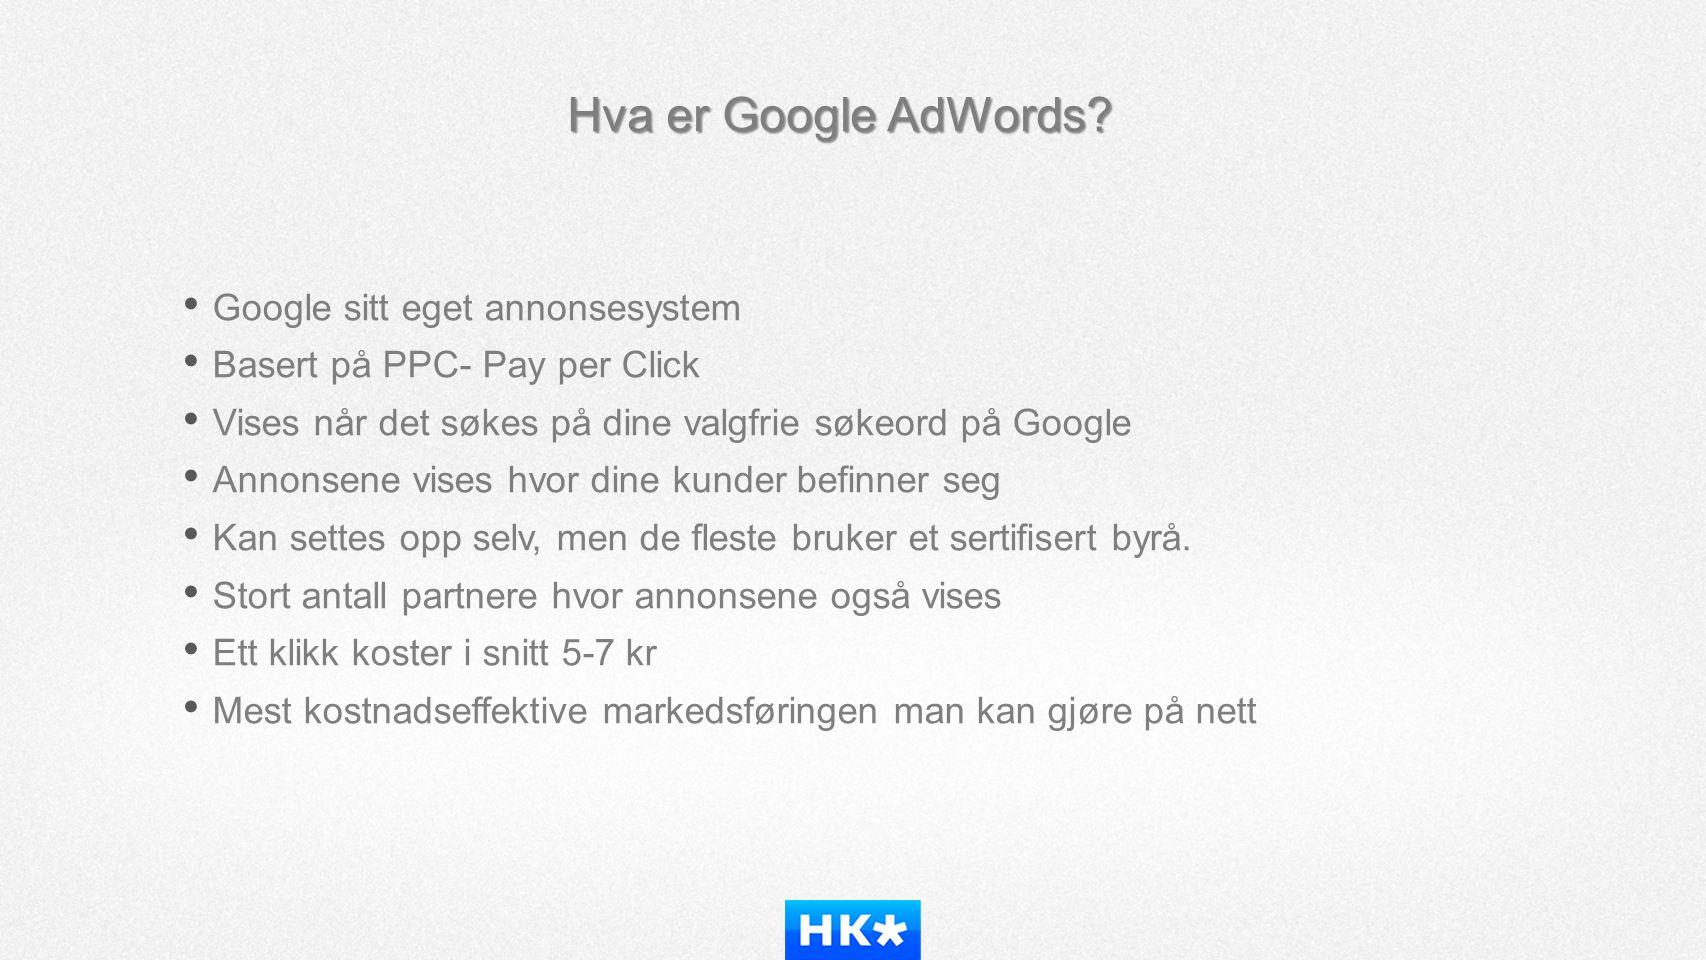 Hva er Google AdWords • Google sitt eget annonsesystem. • Basert på PPC- Pay per Click. • Vises når det søkes på dine valgfrie søkeord på Google.